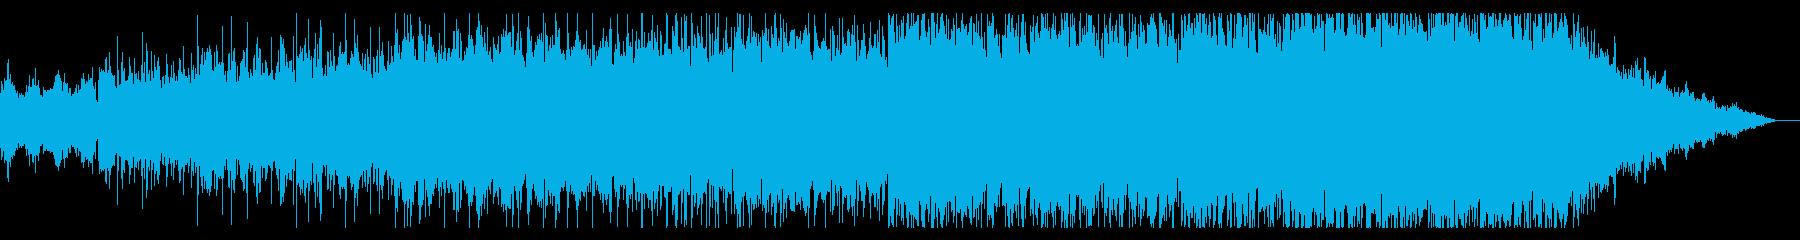 暗くシネマティックなアンビエントIDMの再生済みの波形